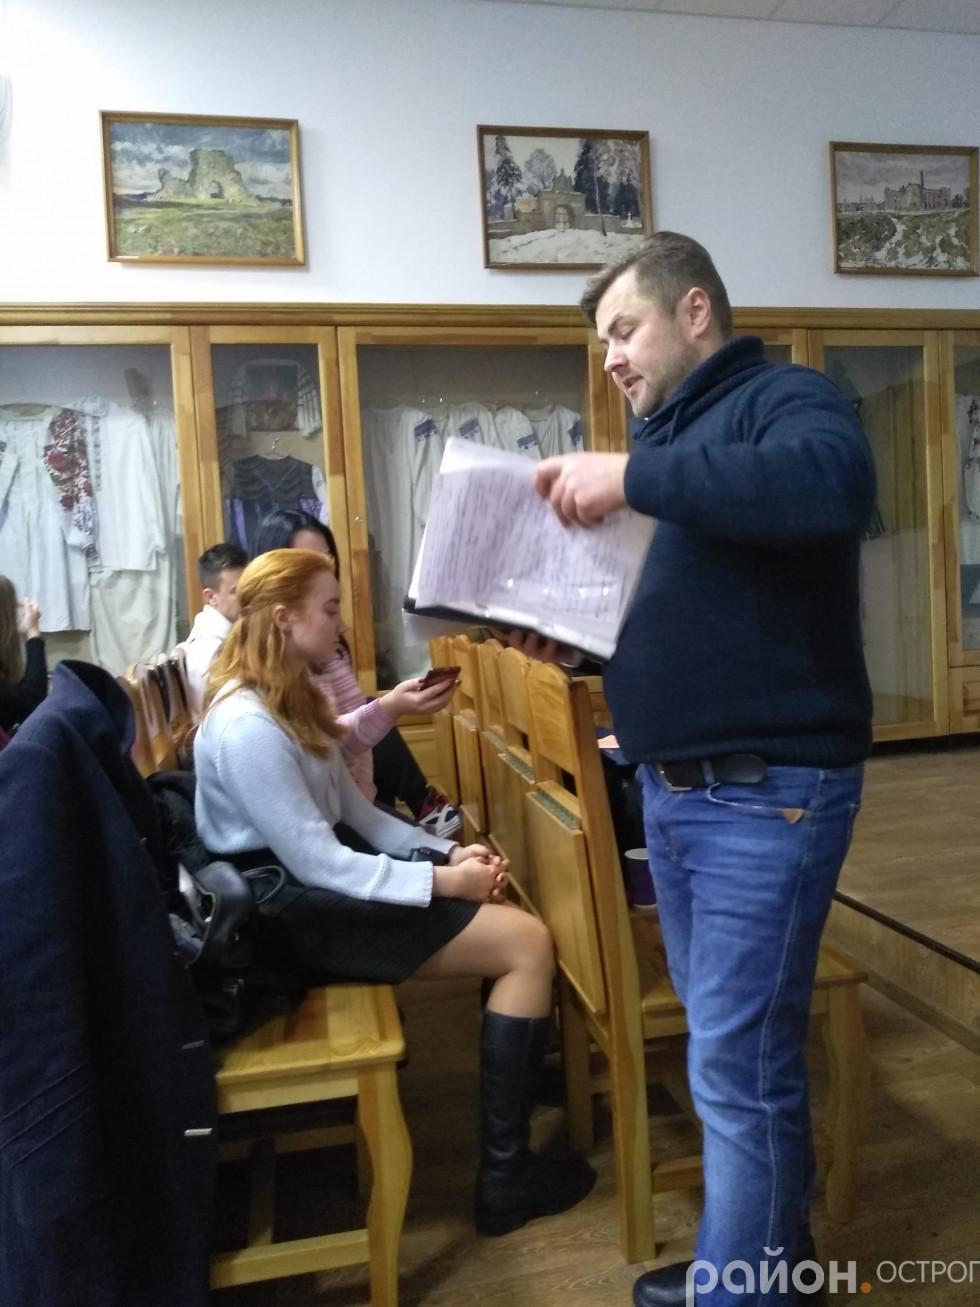 Олександр Скрипченко демонструє «таємну» папку з матеріалами для розвитку дикції